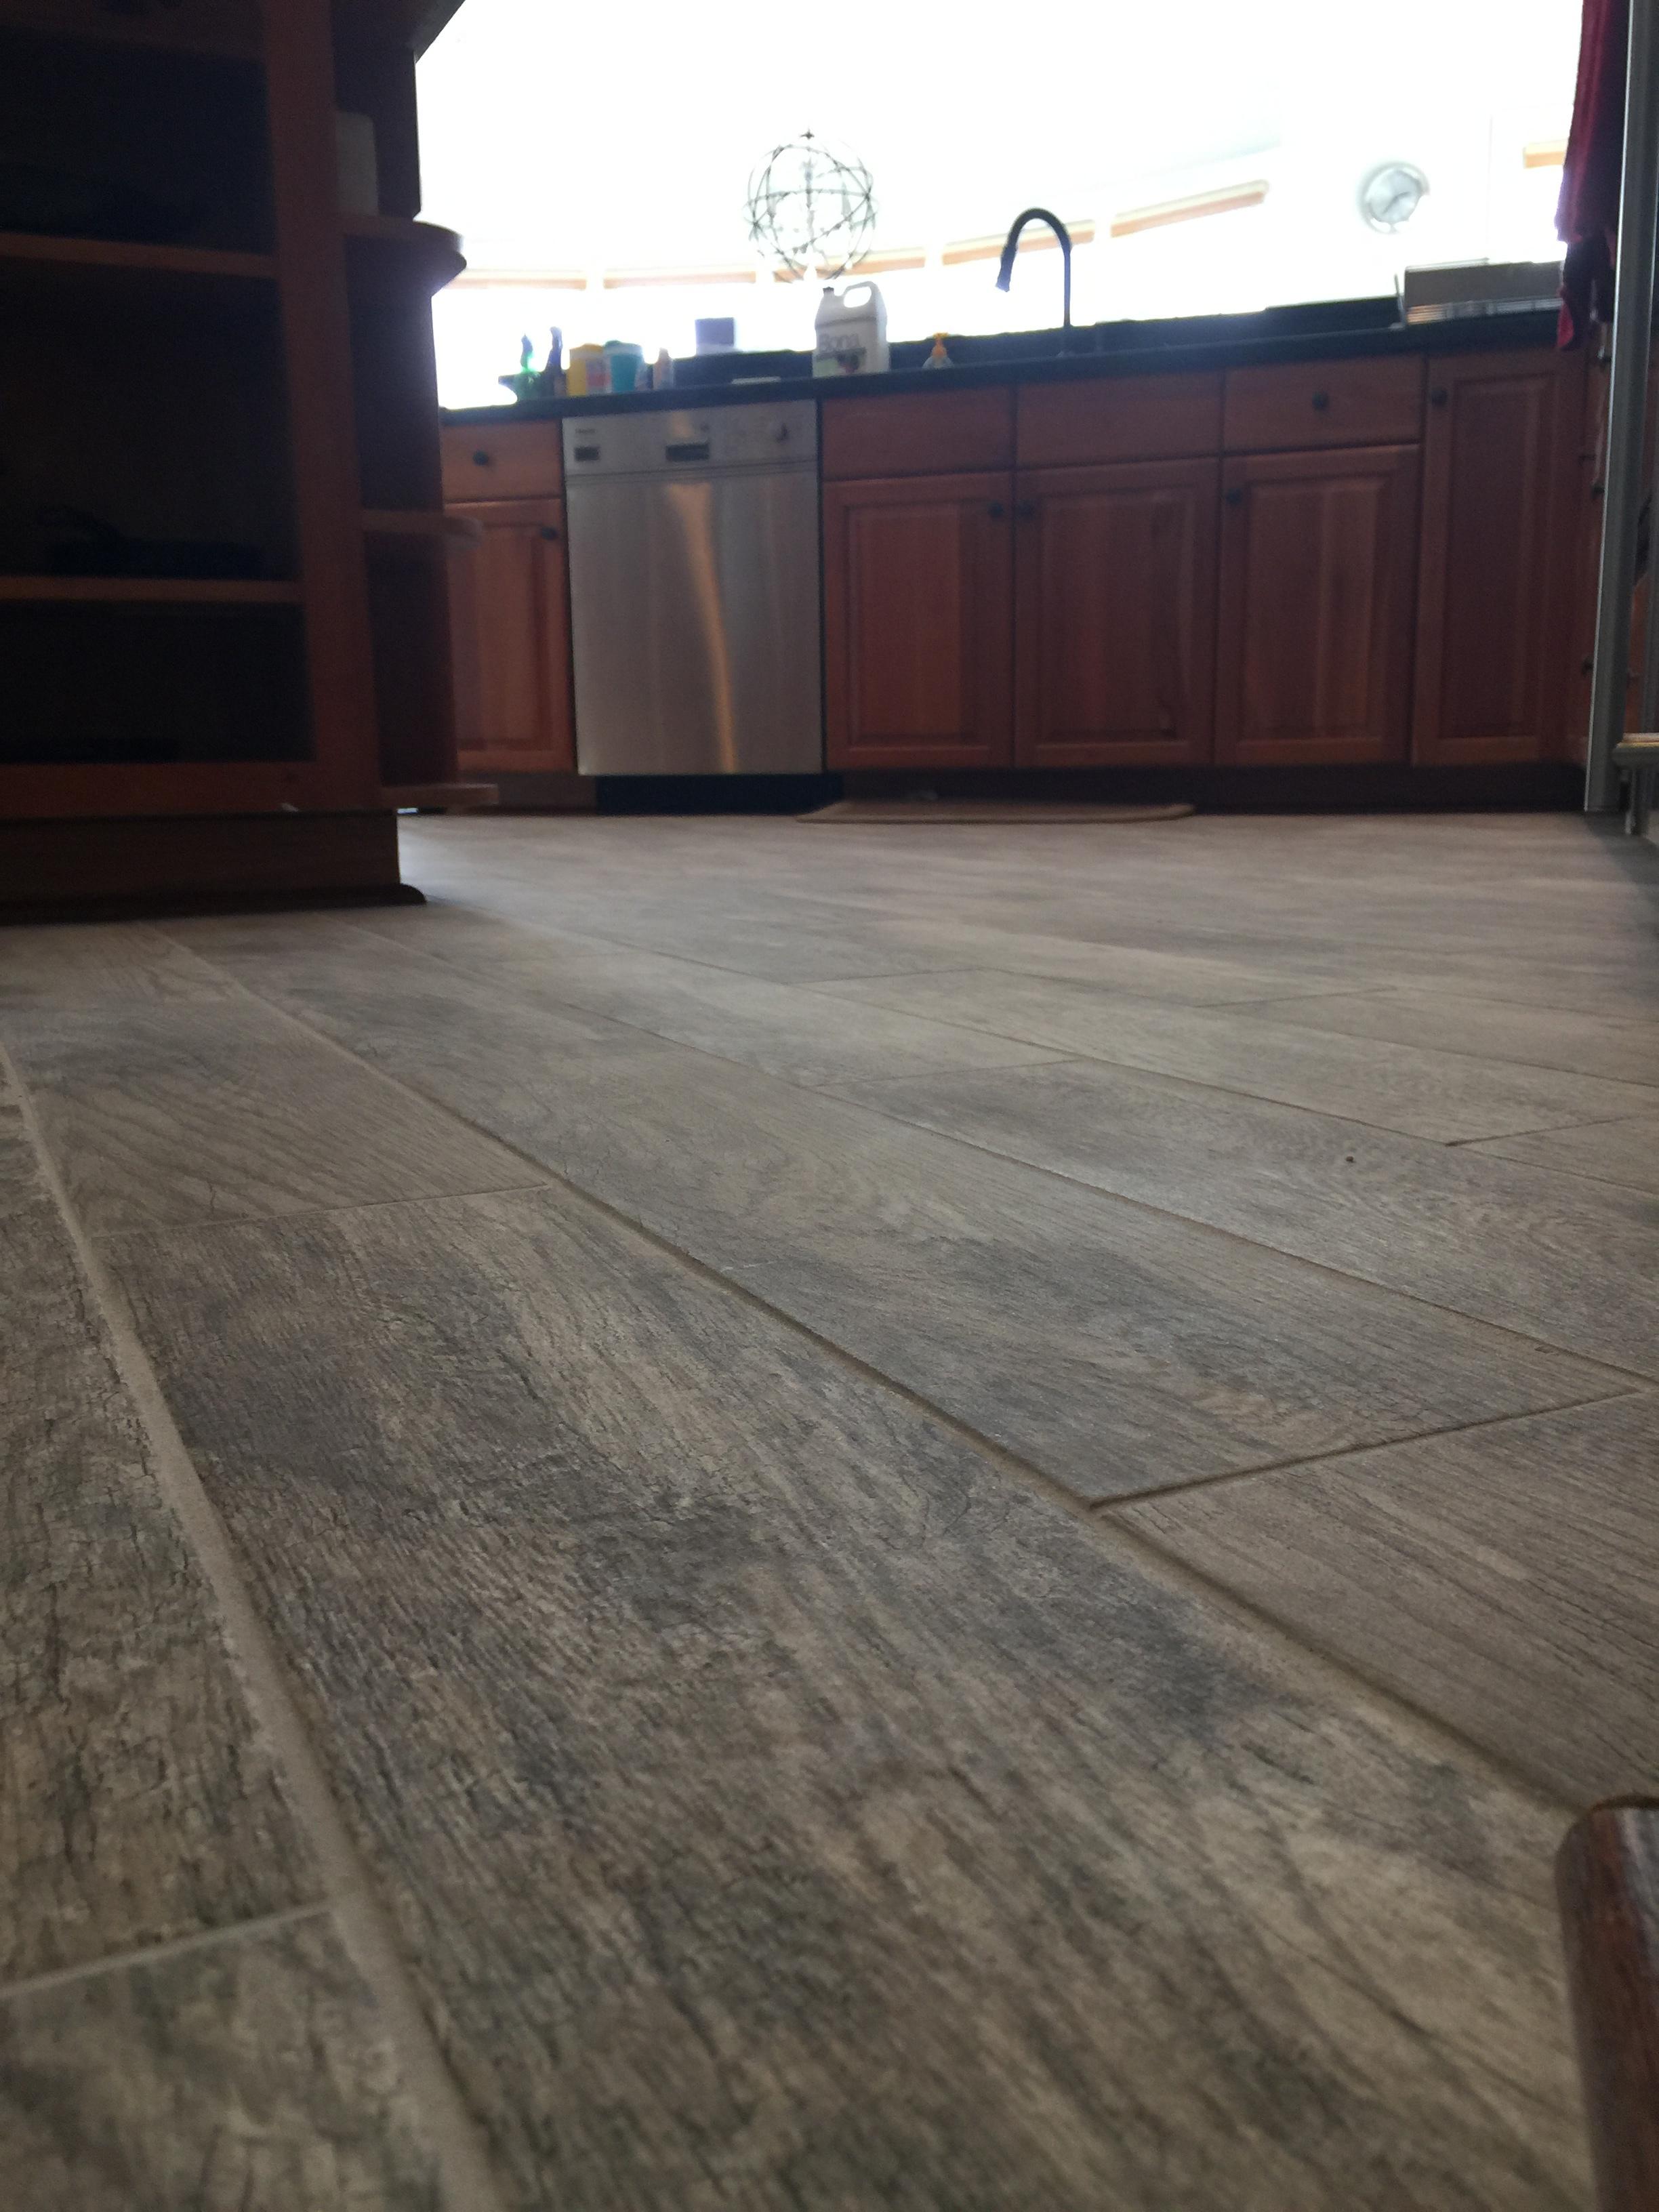 oakton kitchen tile floor wood look.JPG